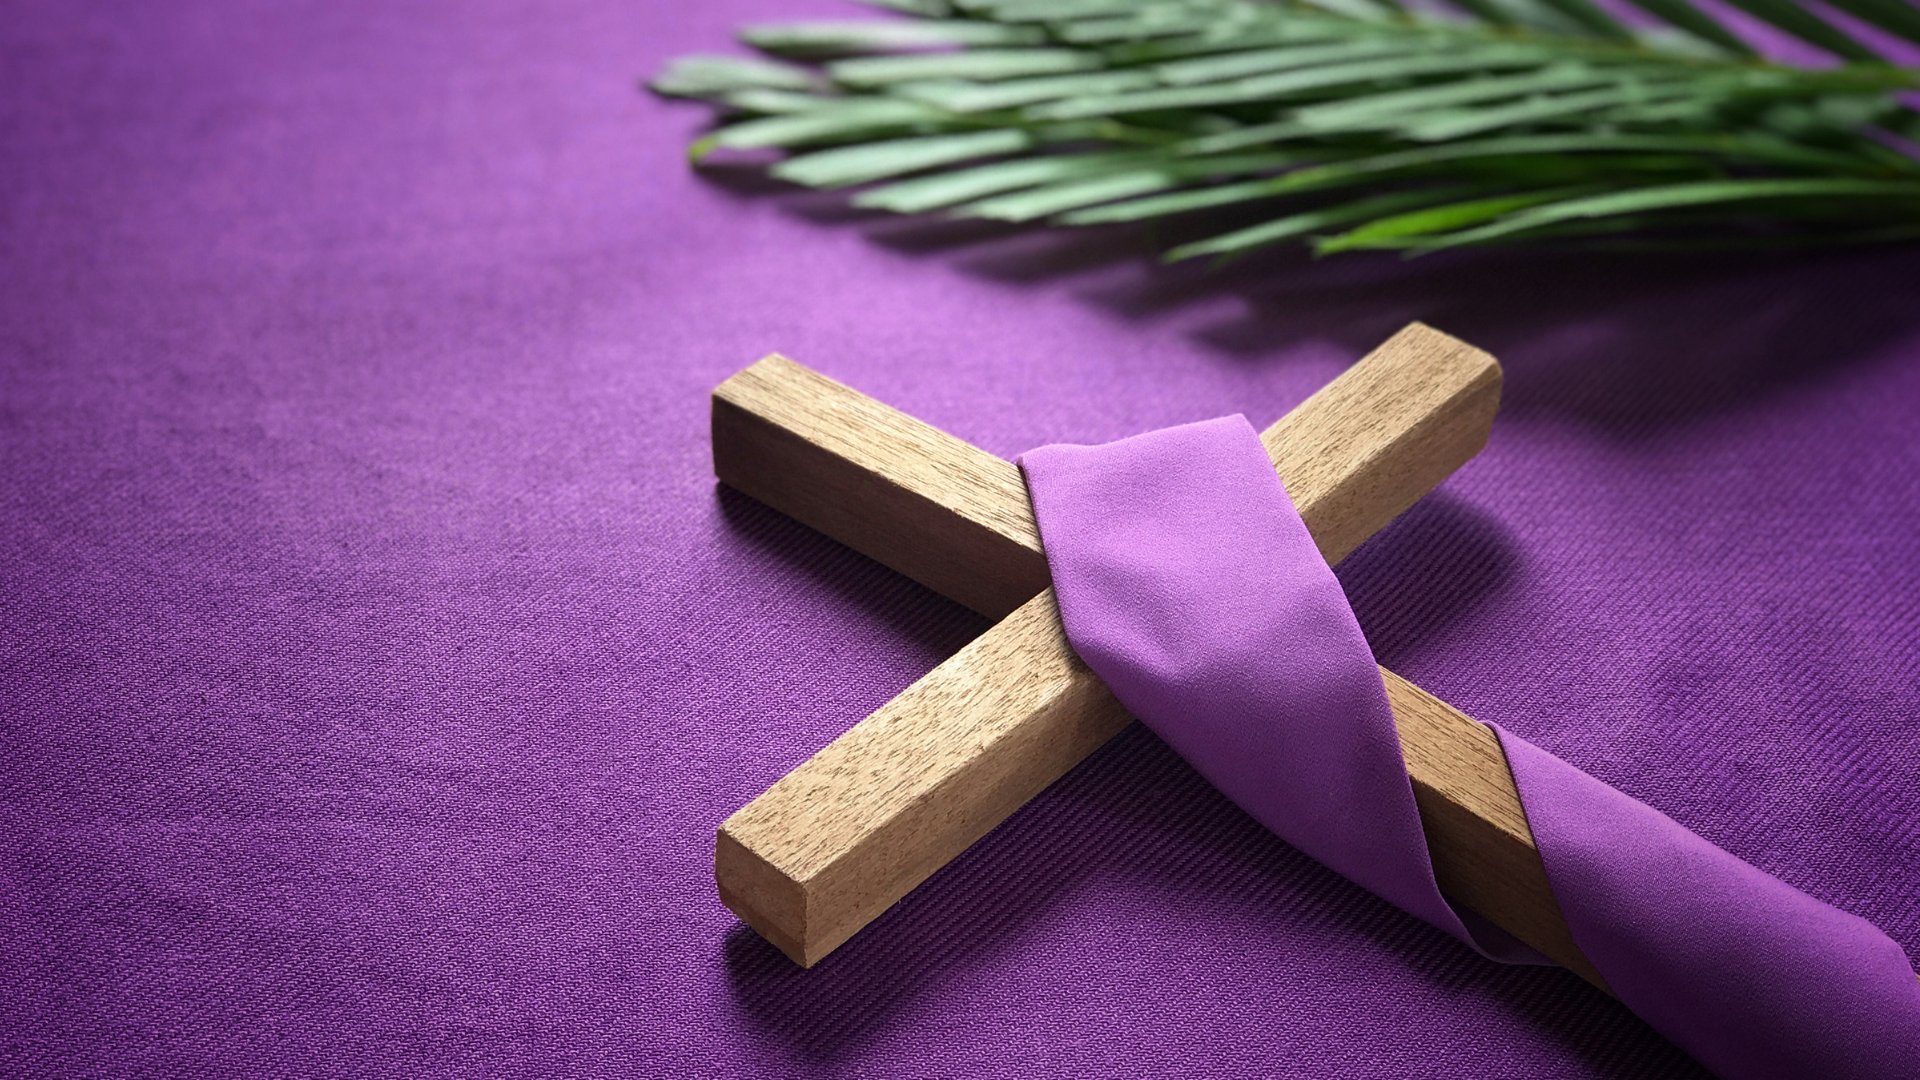 Cruz de madeira enrolada em tecido roxo